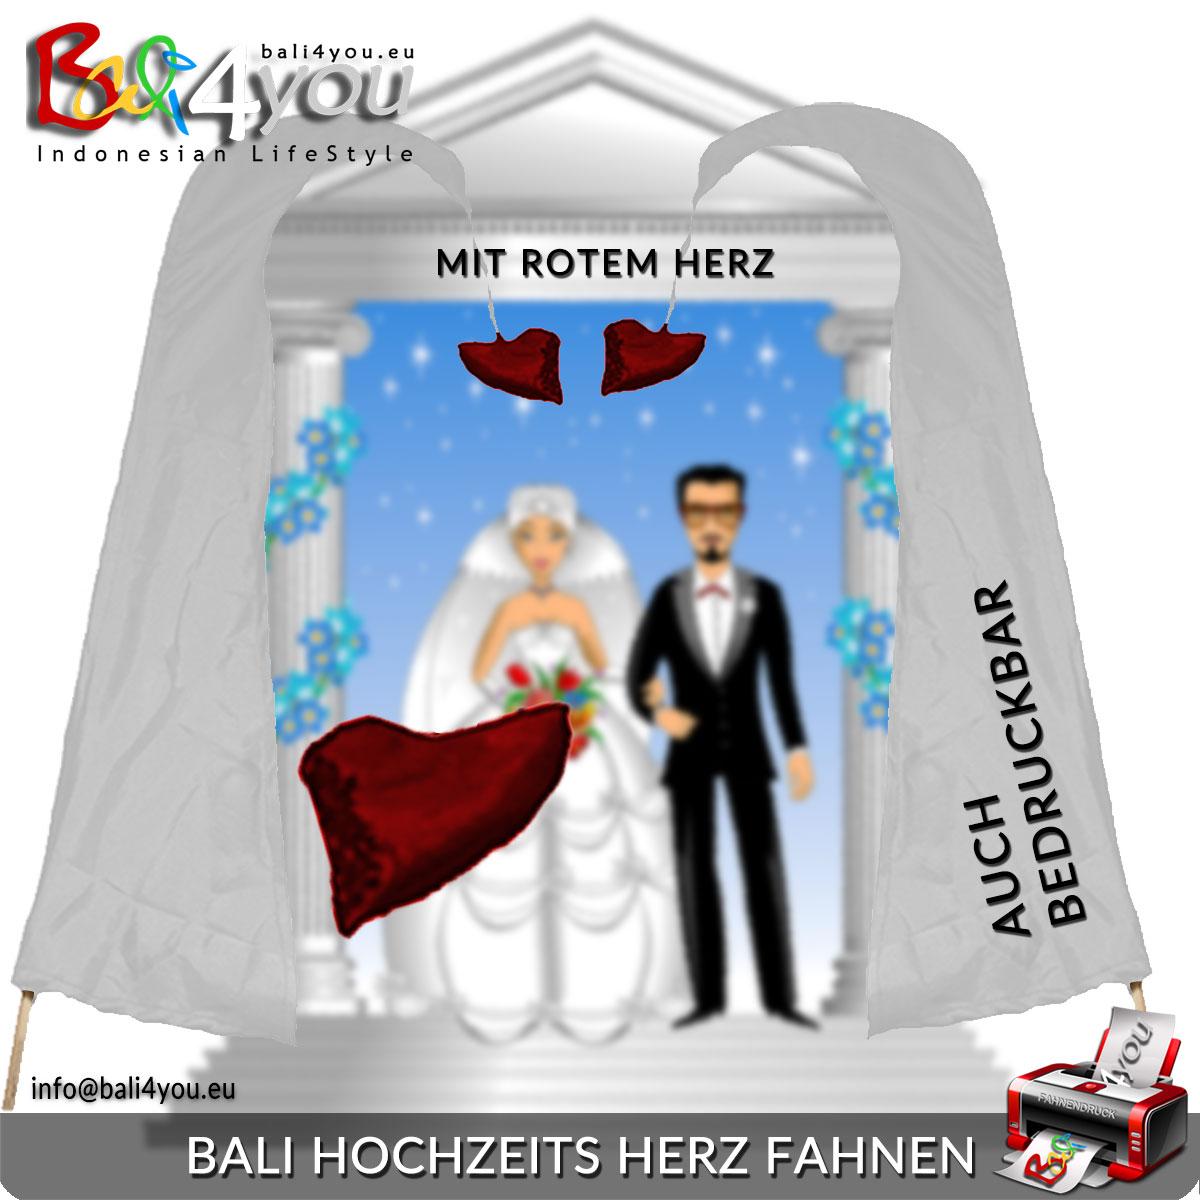 5m Bali Hochzeits Fahne Weiß mit rotem Herz